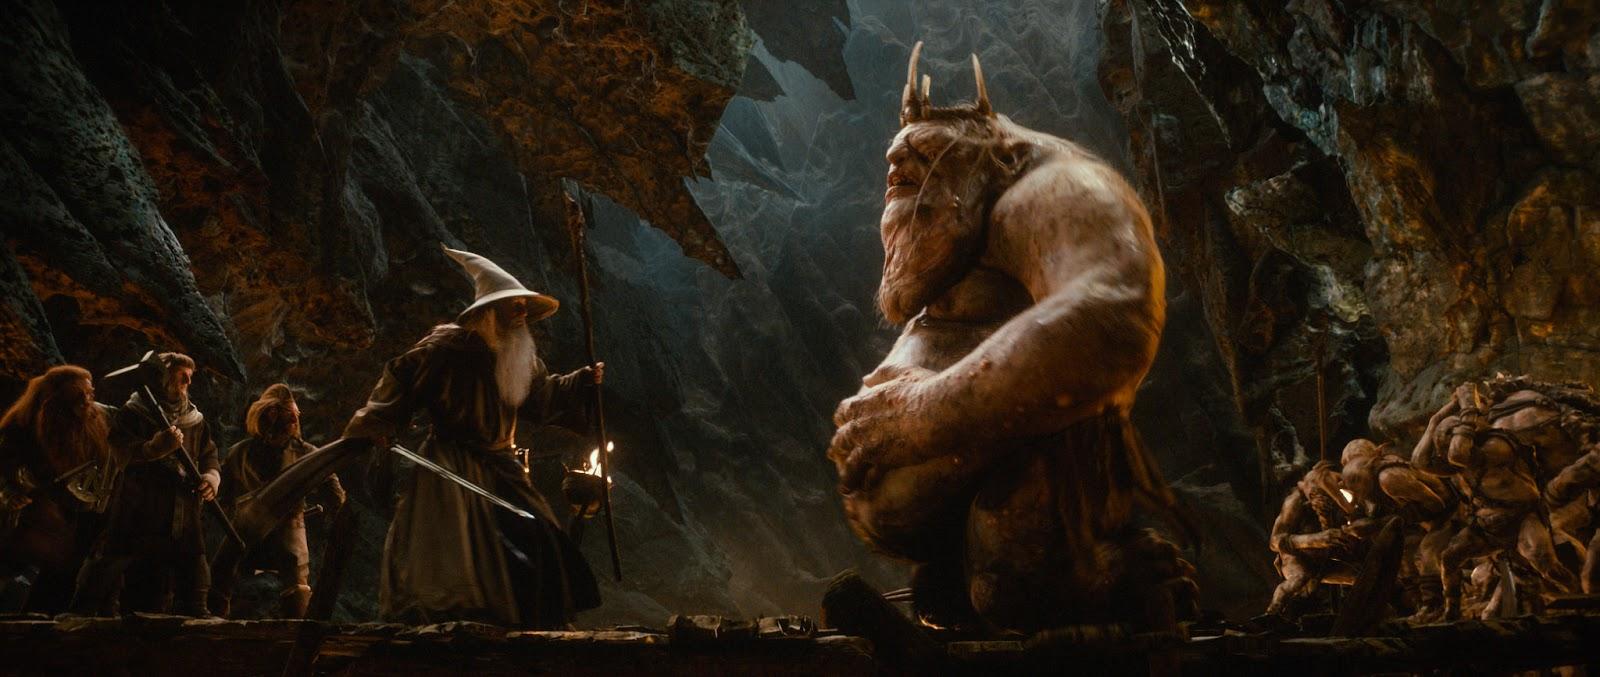 http://4.bp.blogspot.com/-8wEX5mhFl_Q/UNC7WrzlfOI/AAAAAAAAFmw/x9WcUeg7SQg/s1600/The+Hobbit+Goblin+Scene+Fight.jpg